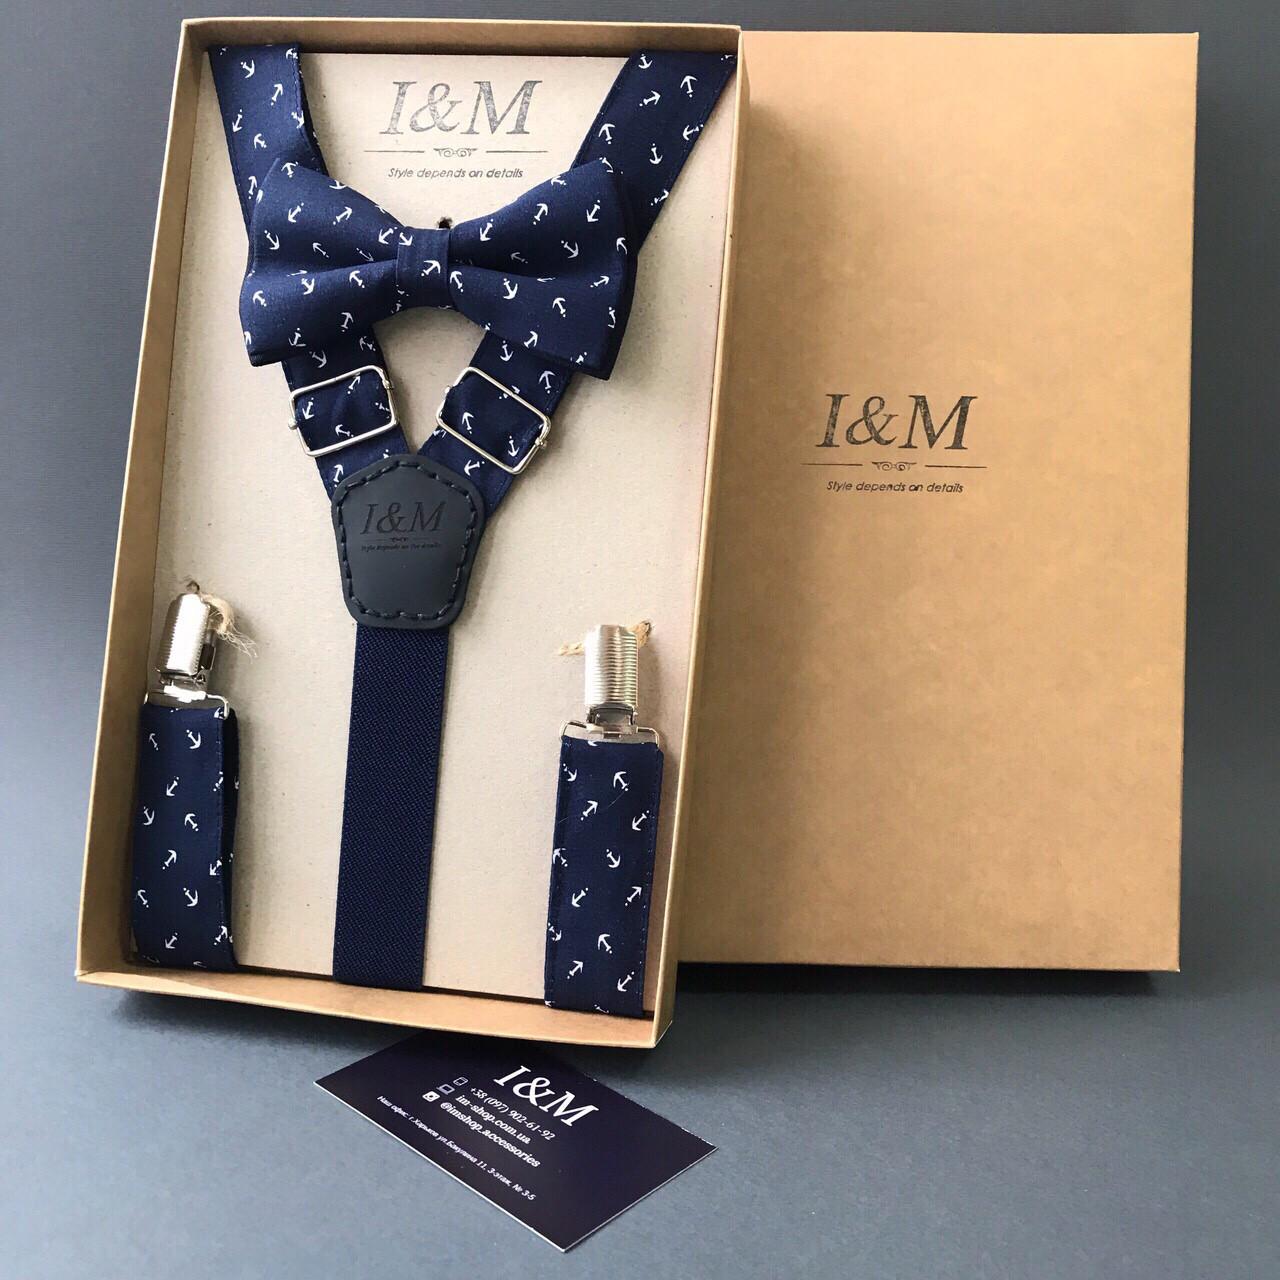 Набор I&M Craft галстук-бабочка и подтяжки для брюк с якорями (030212)